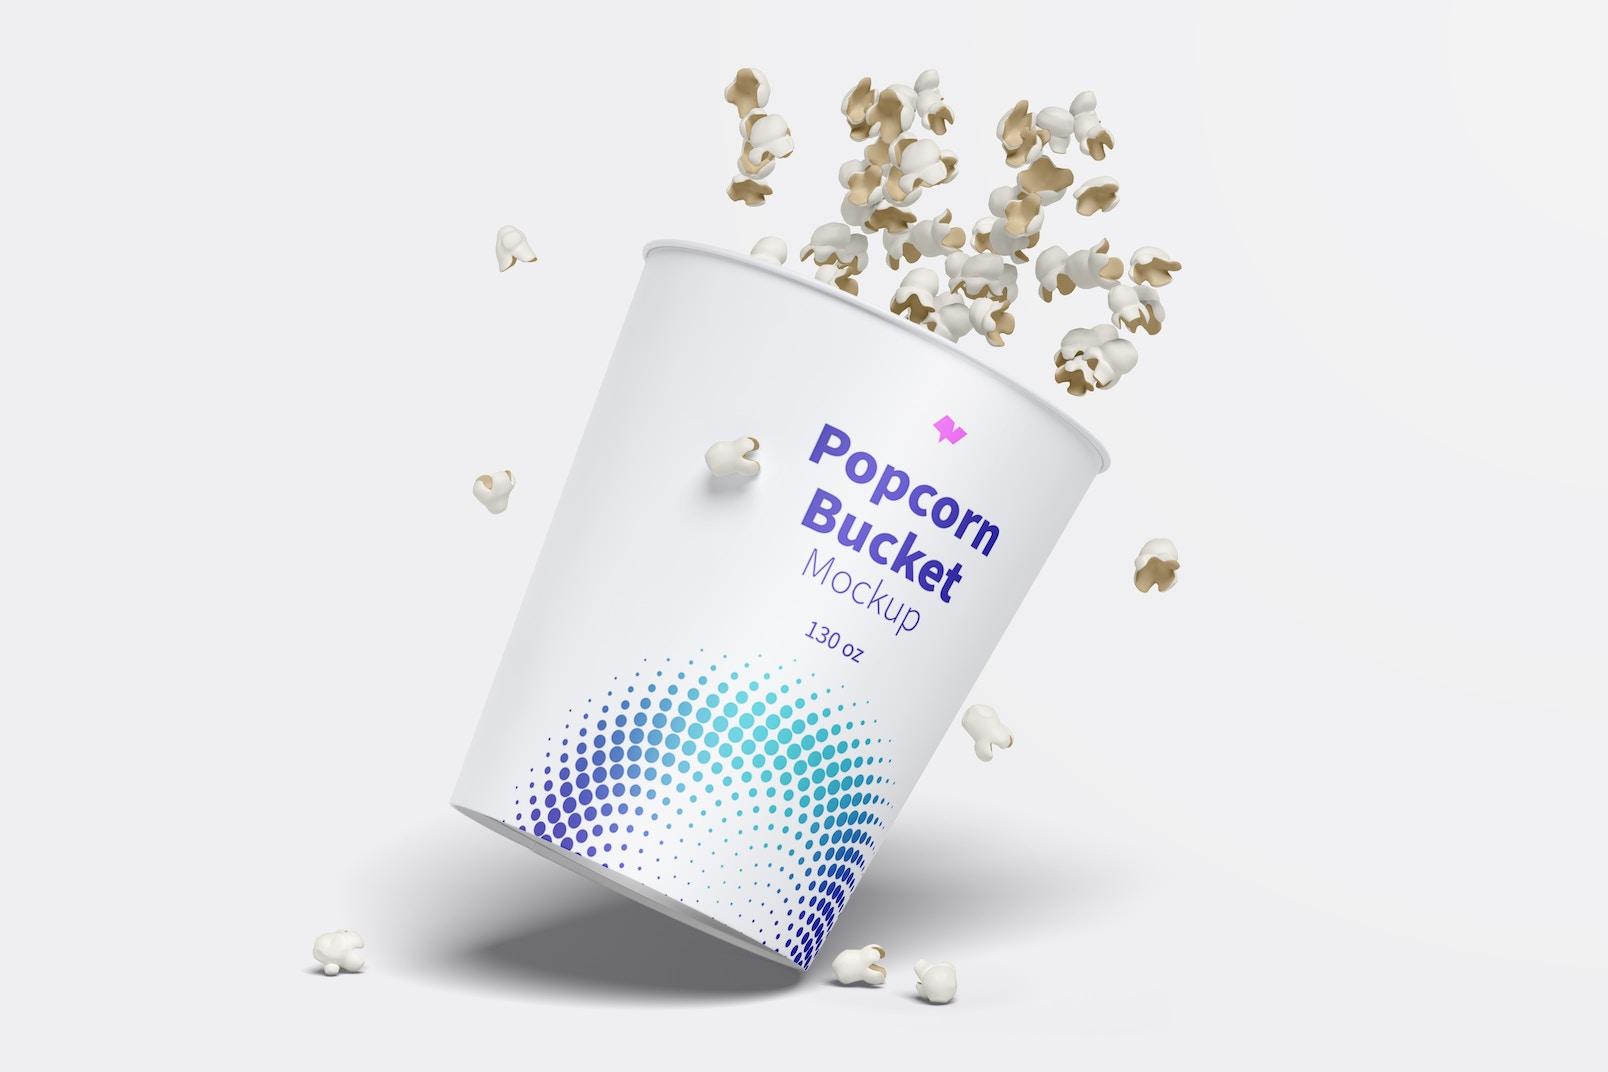 130 oz Popcorn Bucket Mockup, Falling